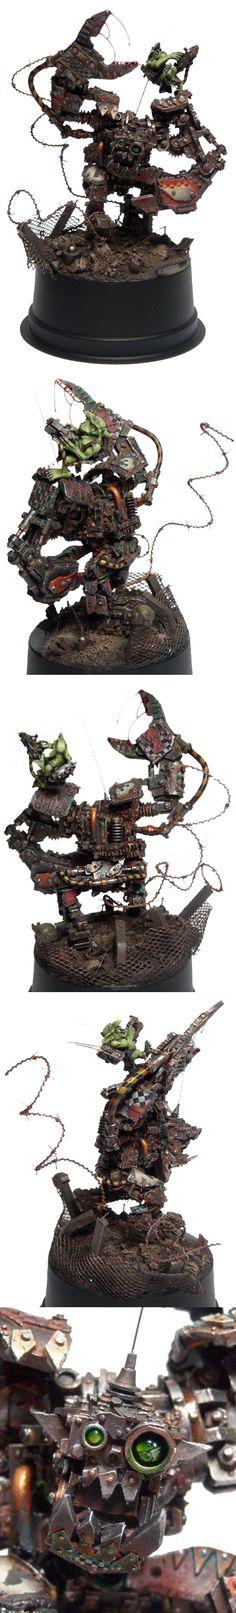 GD 10 Bronze Vehicle Ork Runt-Bot, Deff Dread, conversion, Warhammer 40k.